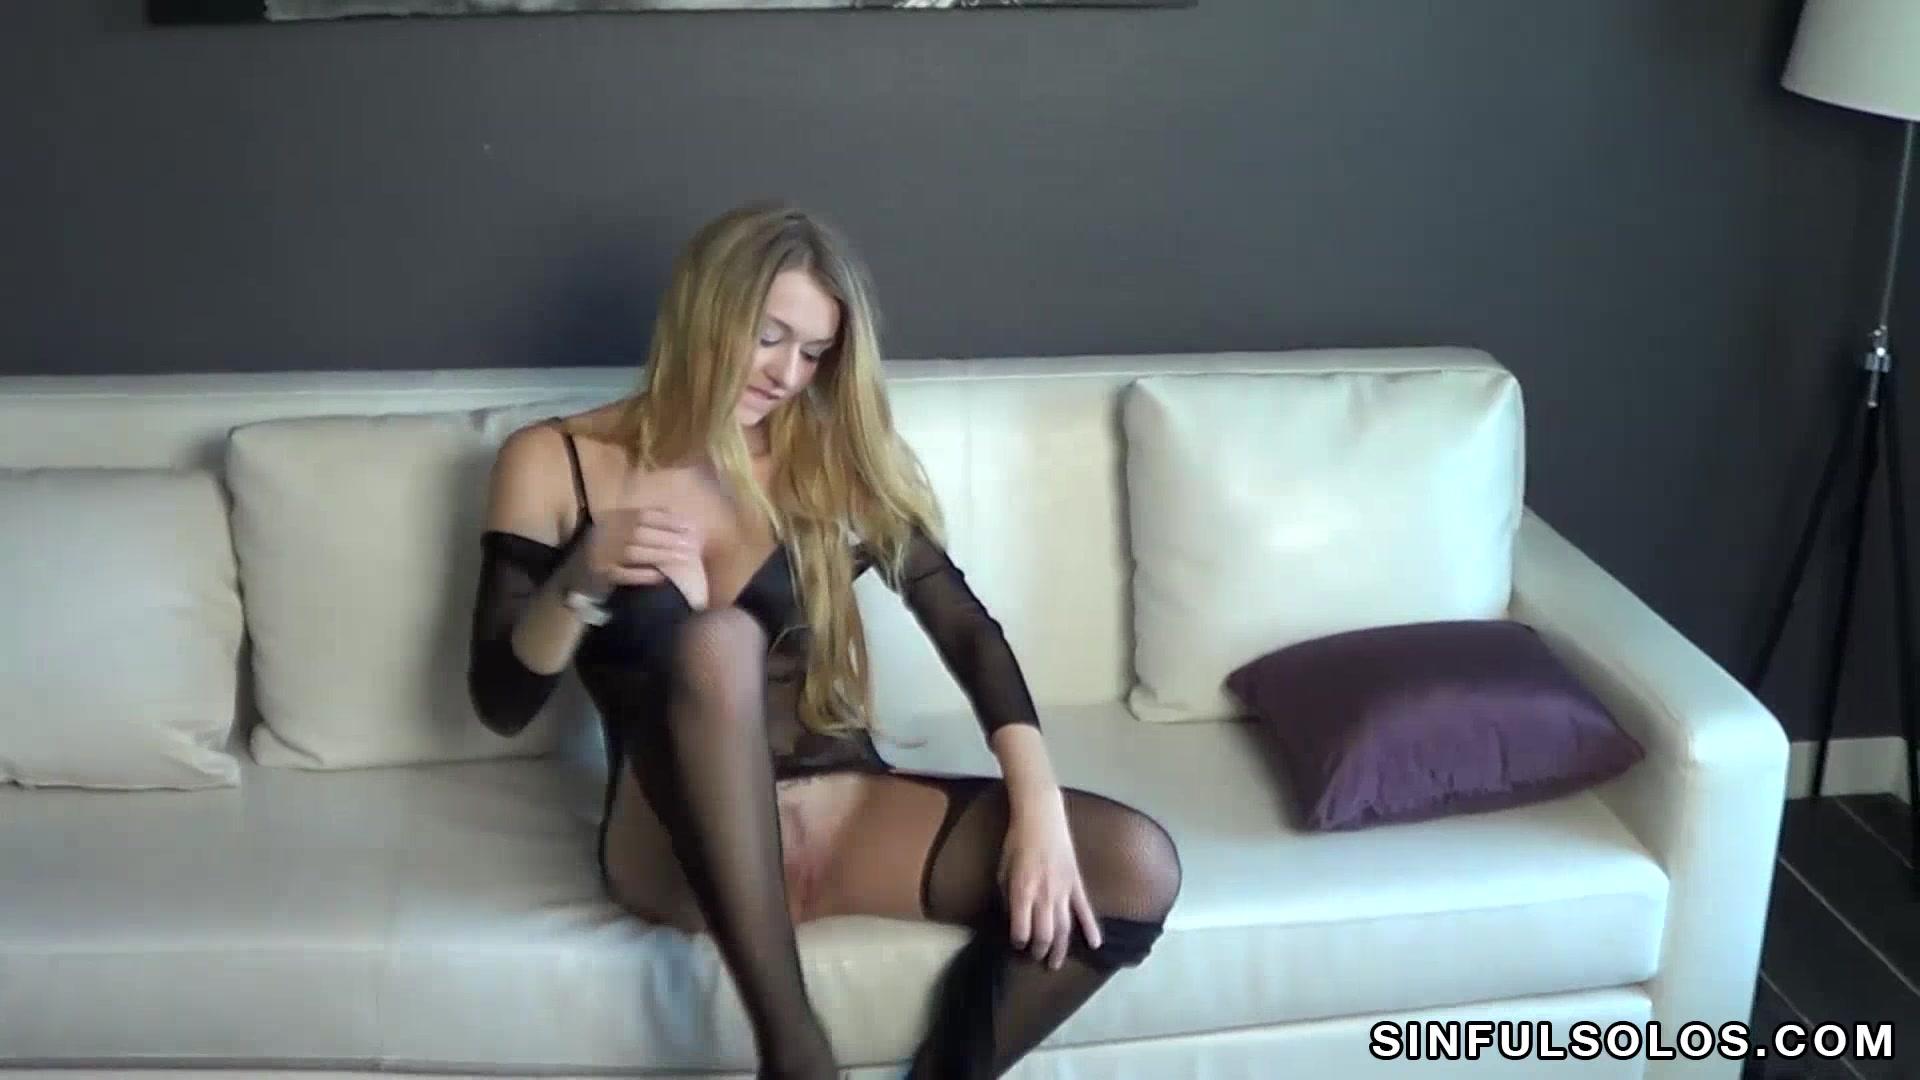 natalia starr free video